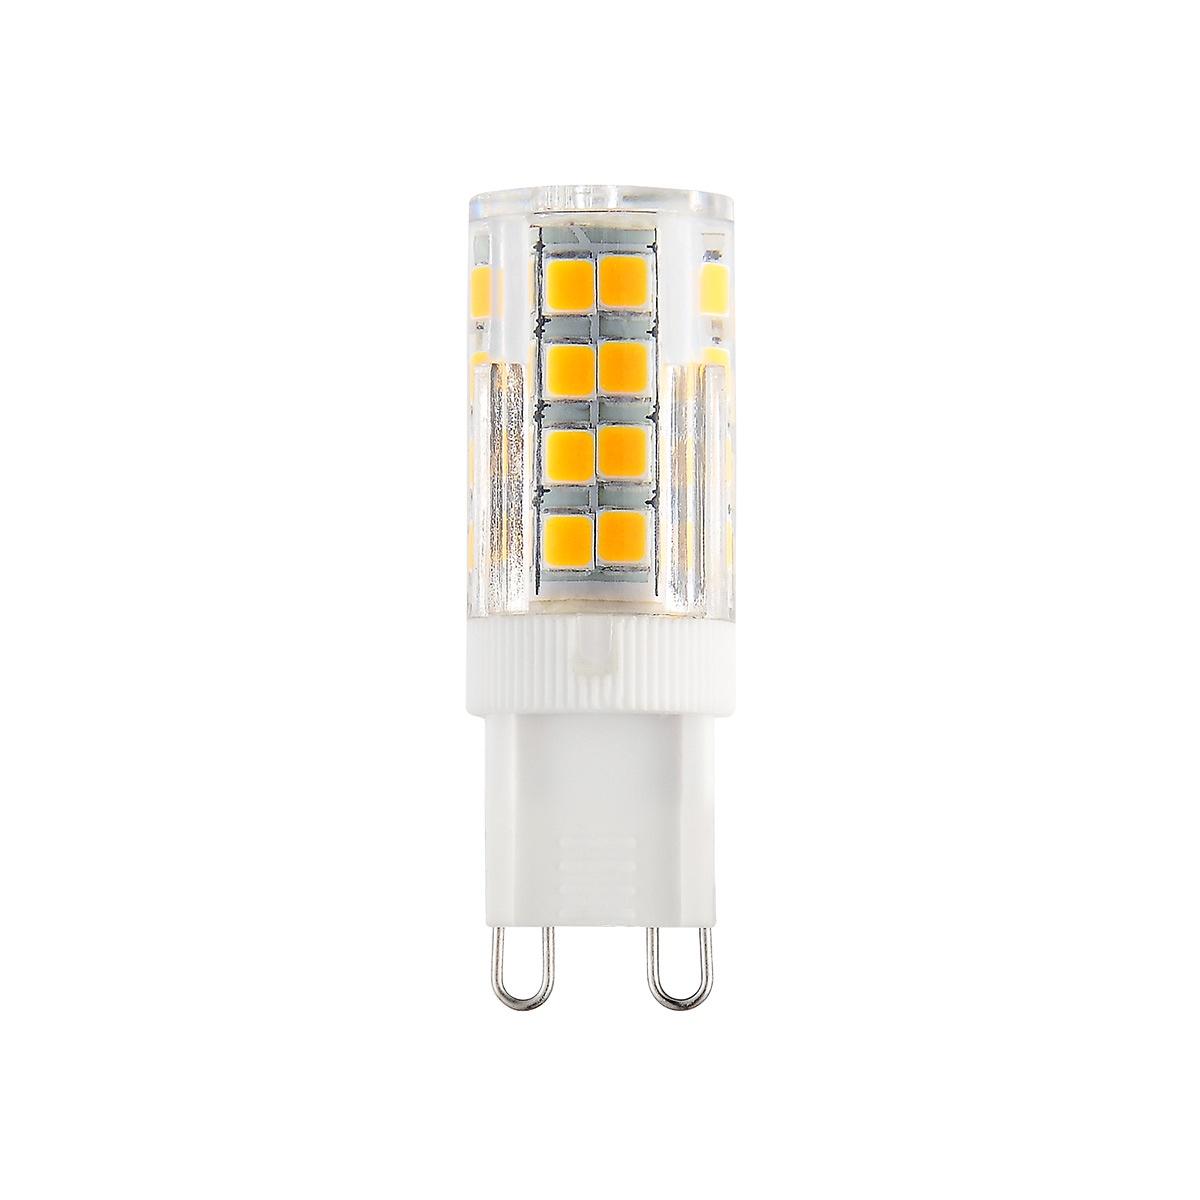 Лампочка Elektrostandard светодиодная G9 LED 7W 220V 4200K, Нейтральный свет 7 Вт, Светодиодная лампы светодиодная elektrostandard classic led d 7w 4200k e27